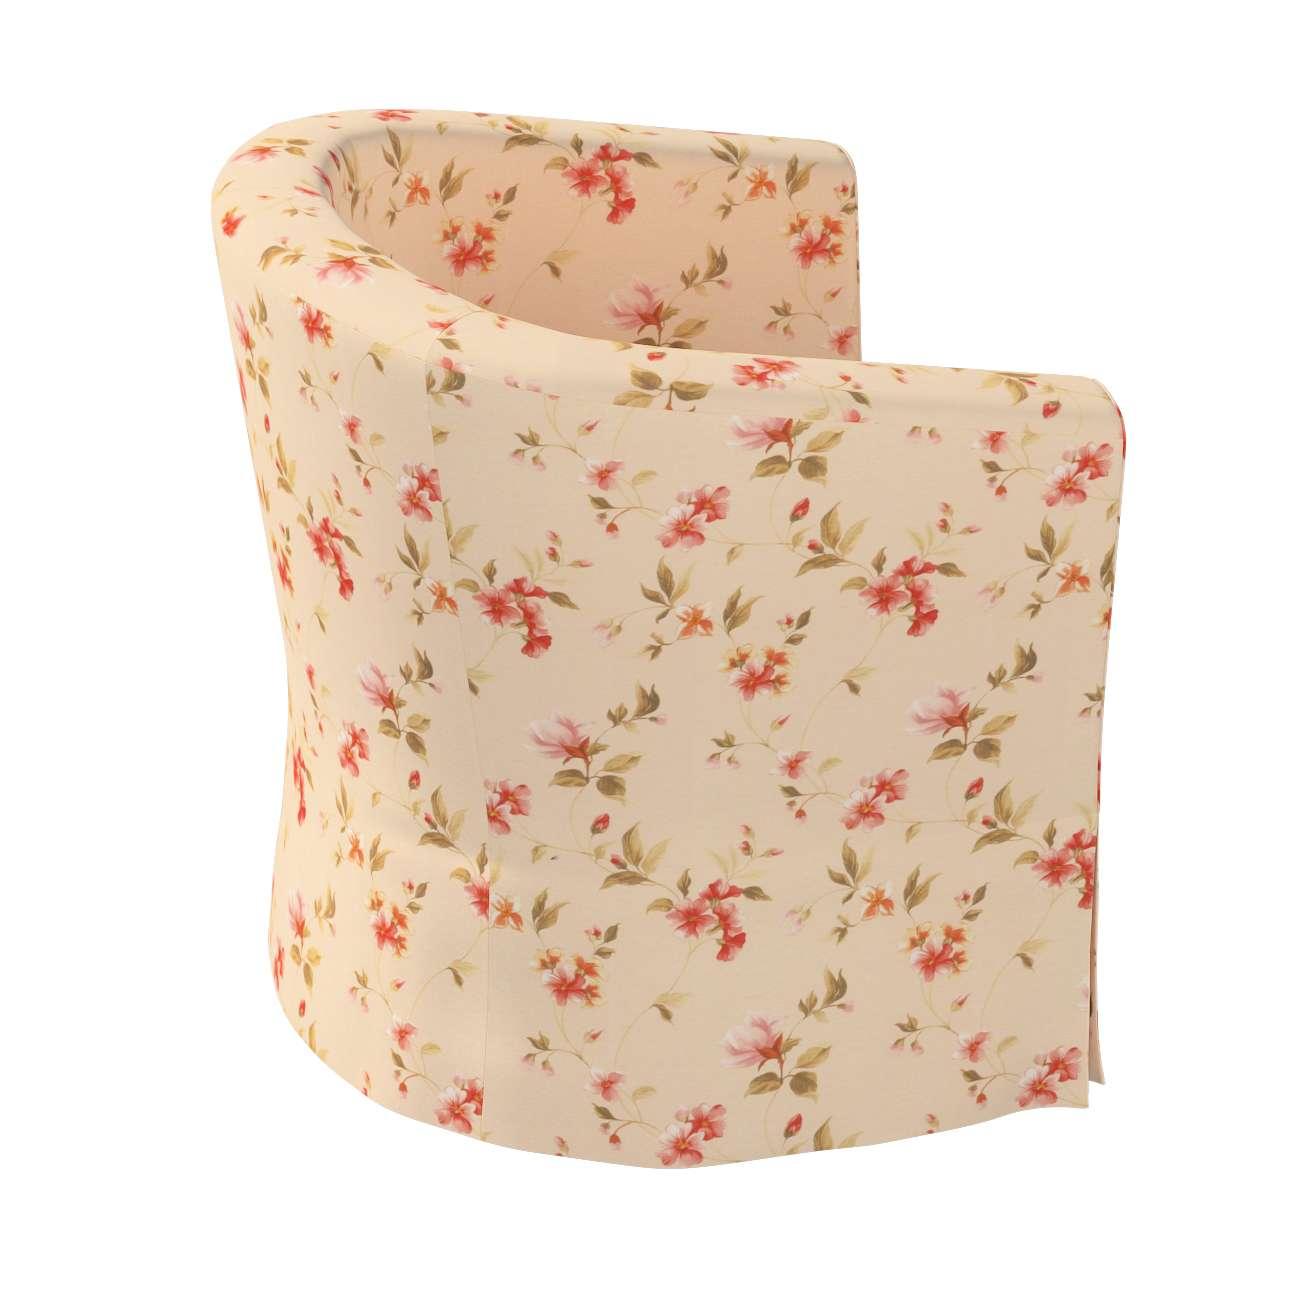 Pokrowiec na fotel Ektorp Tullsta w kolekcji Londres, tkanina: 124-05